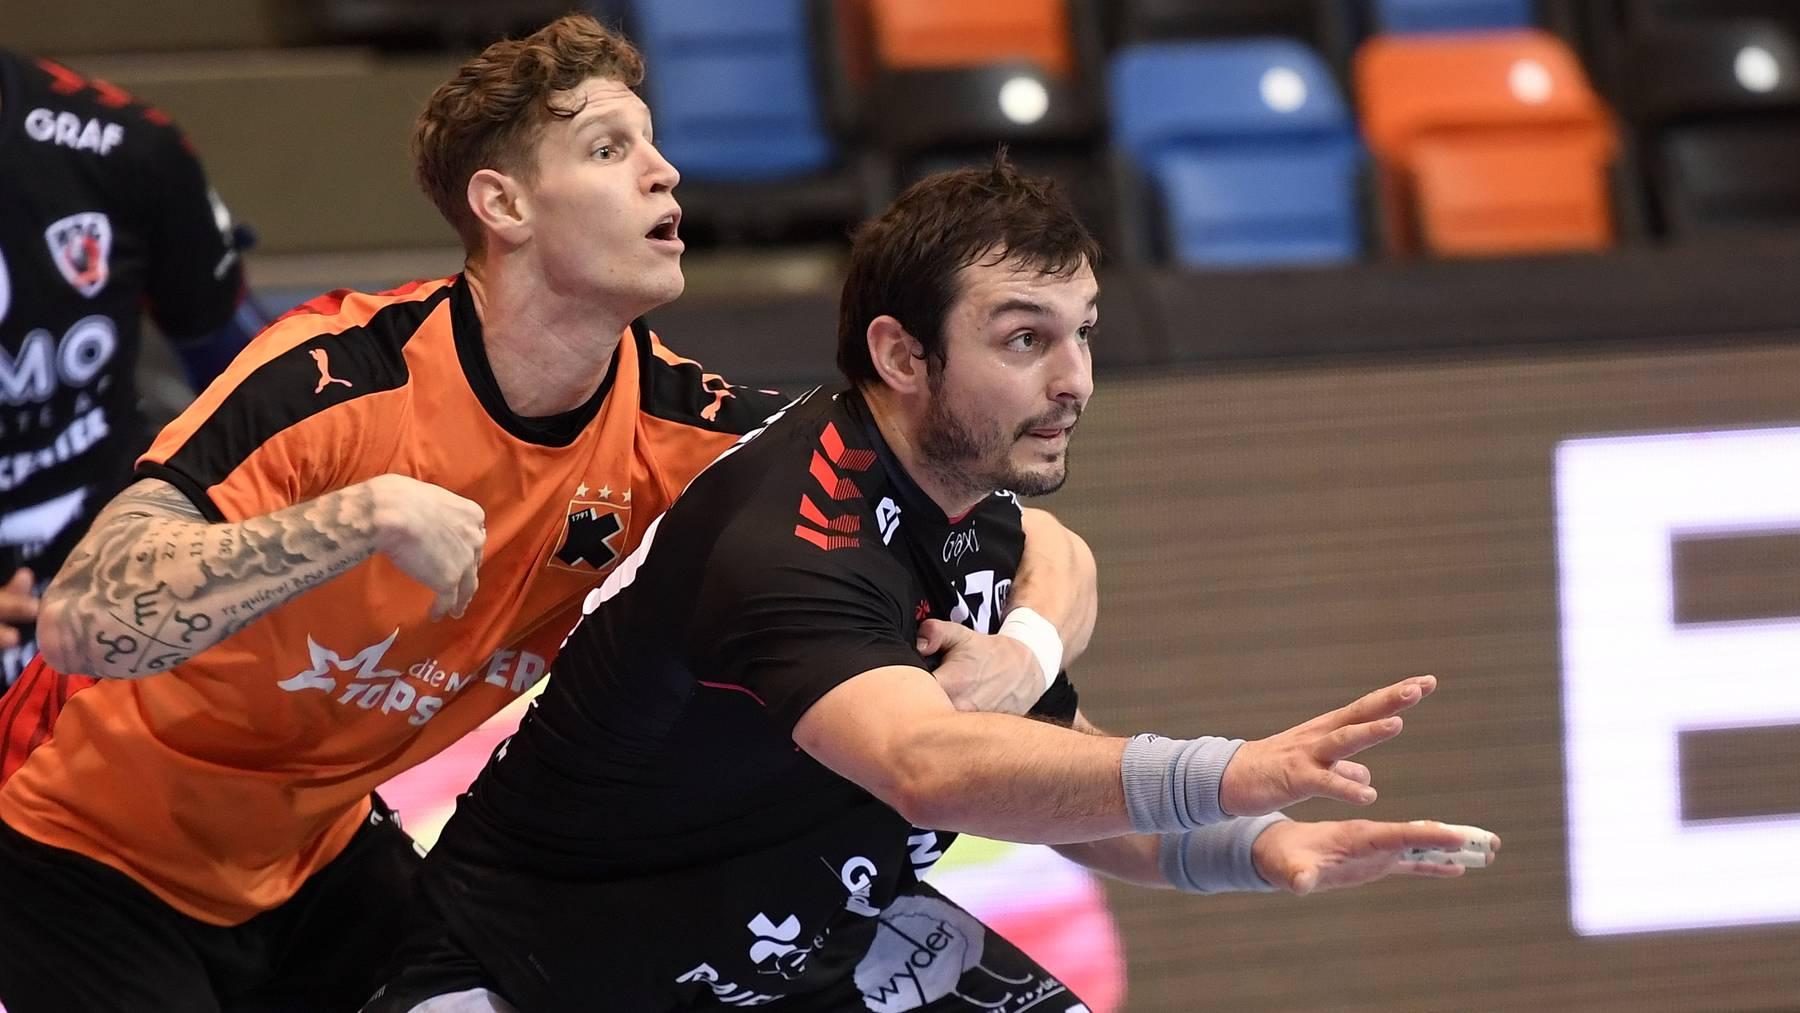 Die Kadetten Schaffhausen gewinnen gegen den HSC Suhr Aarau mit fünf Punkten Vorsprung.